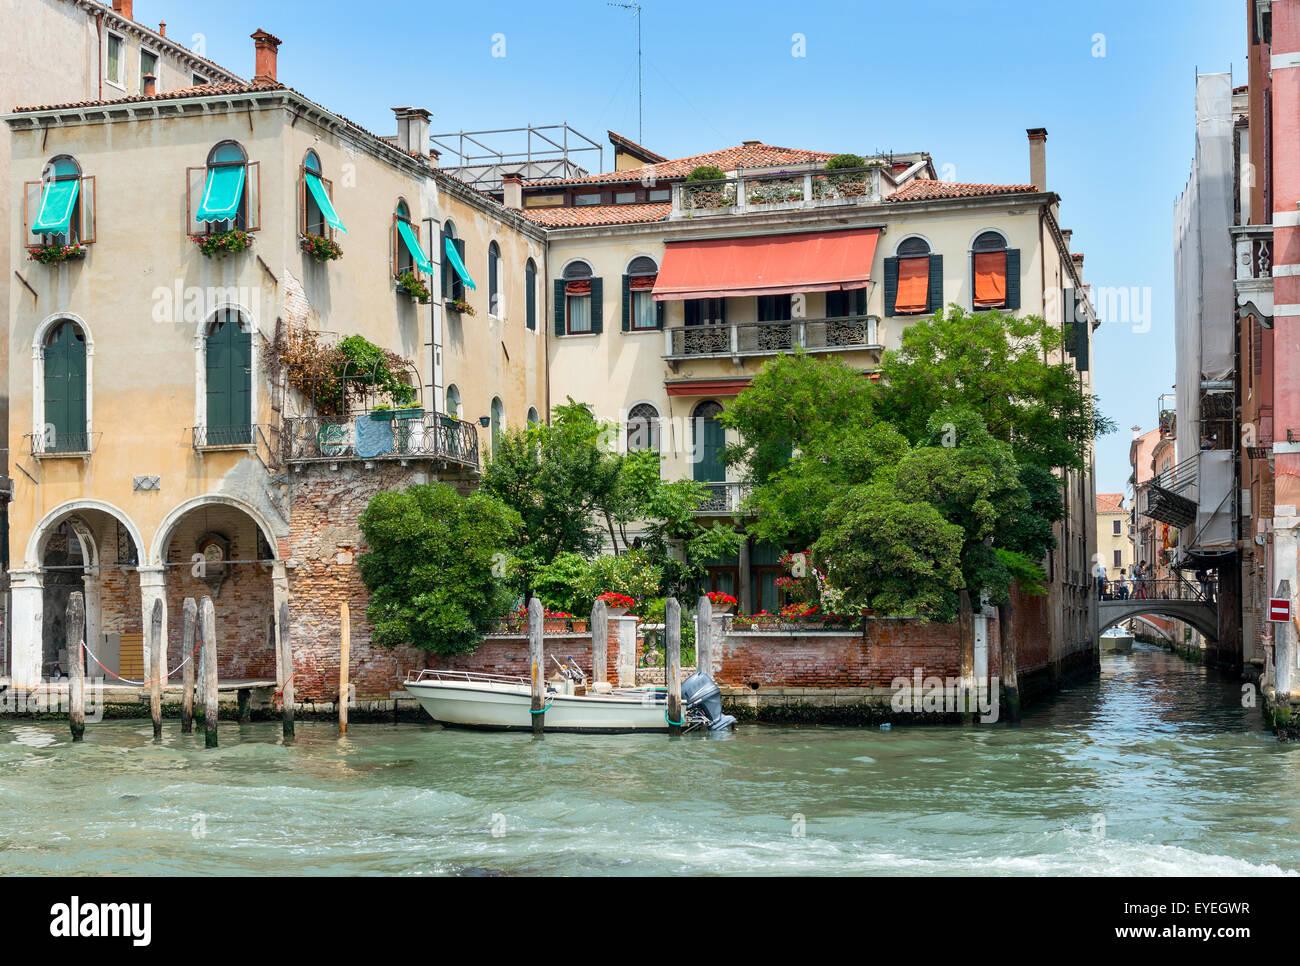 View of the Grand Canal, Venice, Veneto Region, Italy Stock Photo